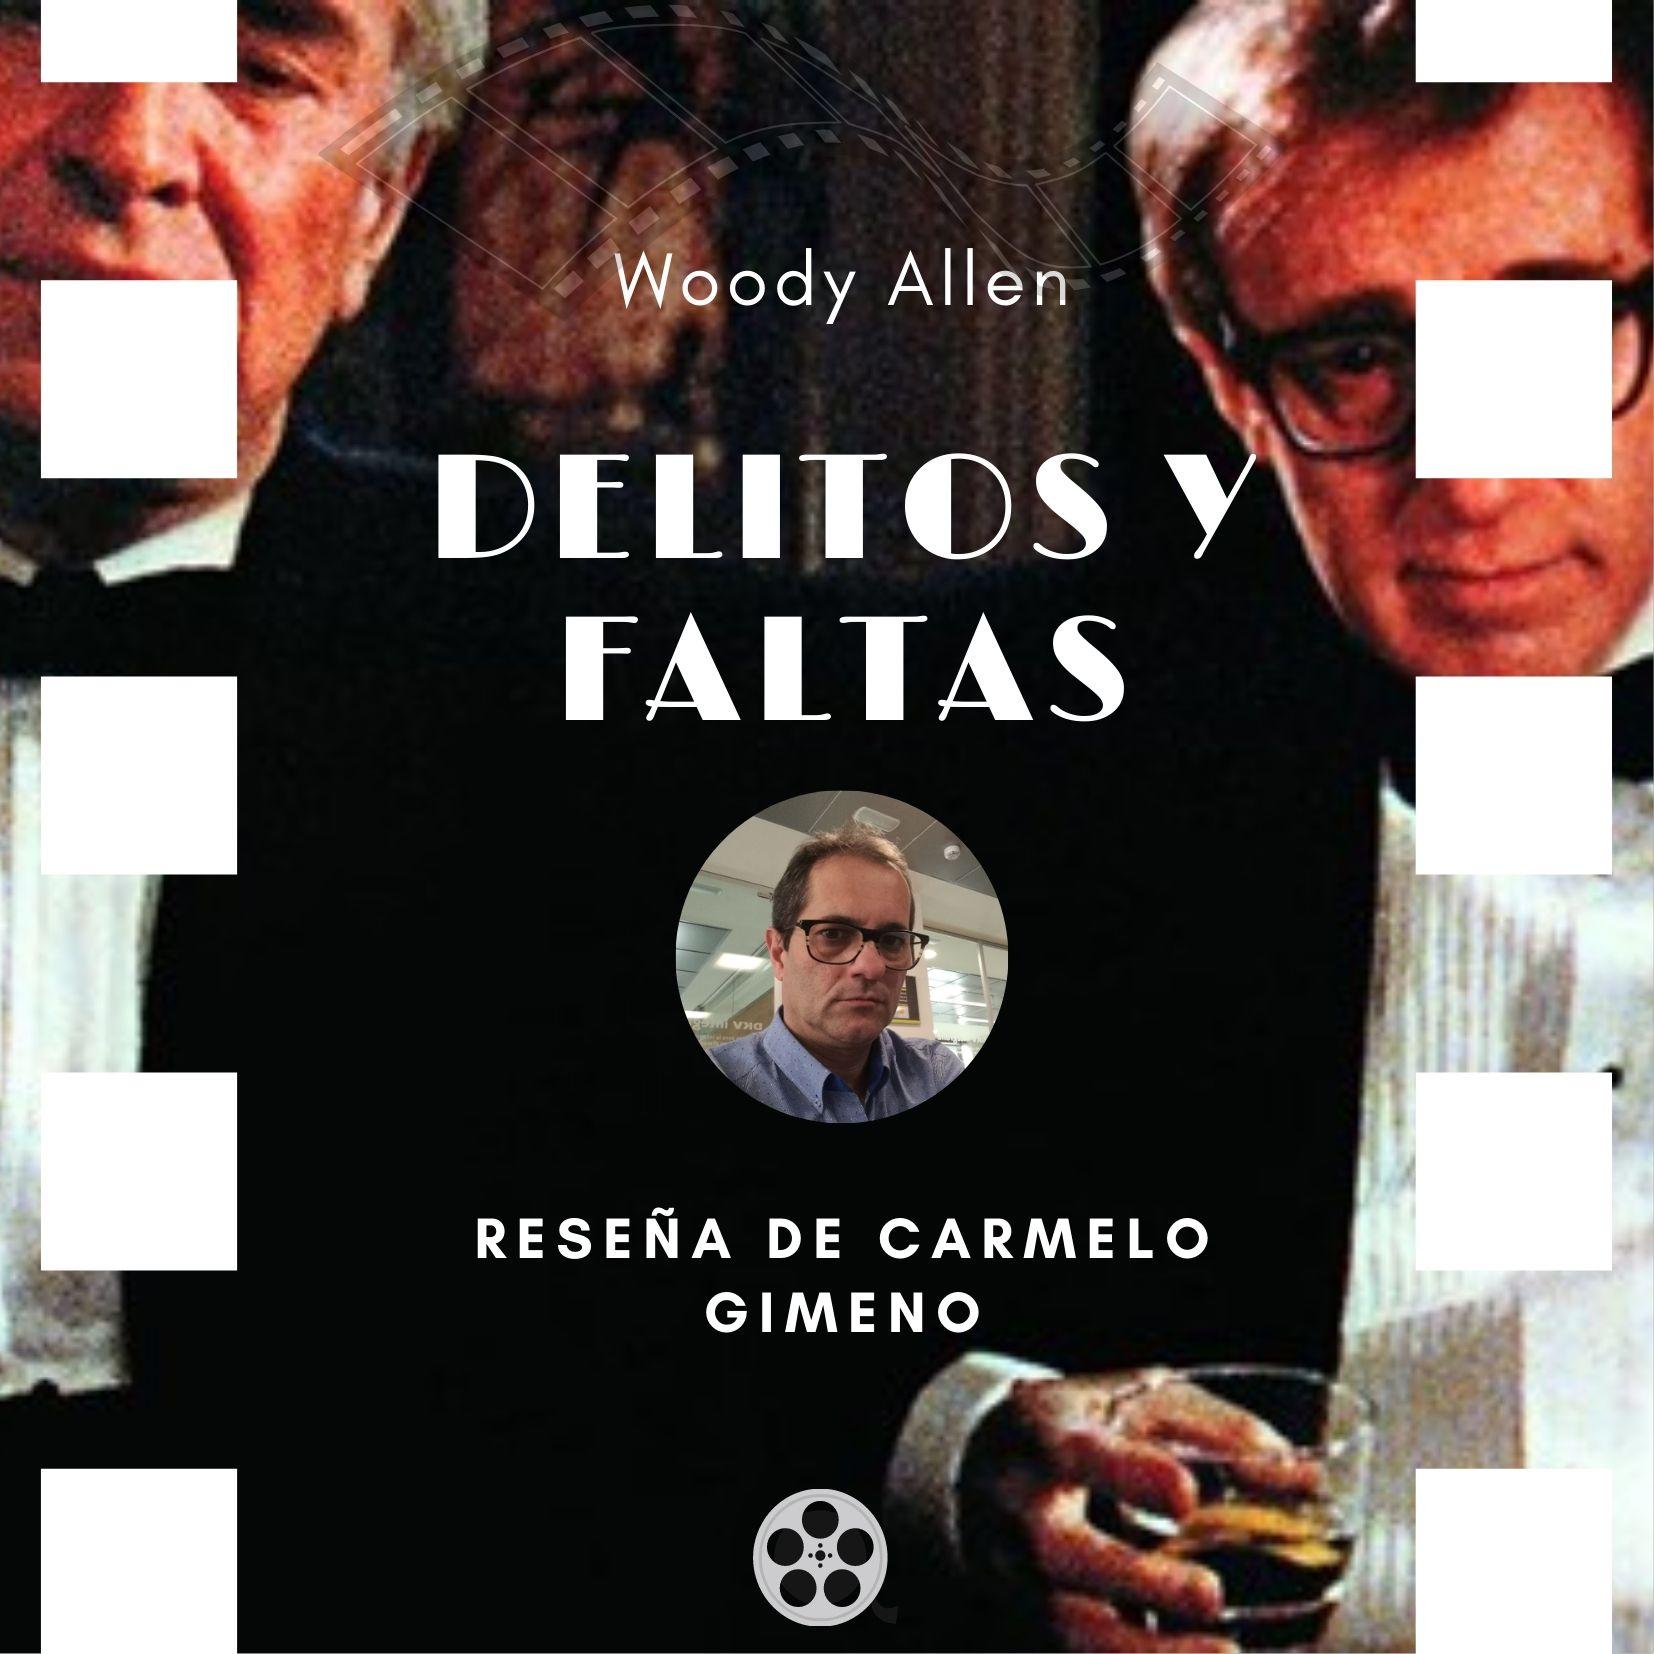 Delitos y faltas de Woody Allen-reseña Carmelo